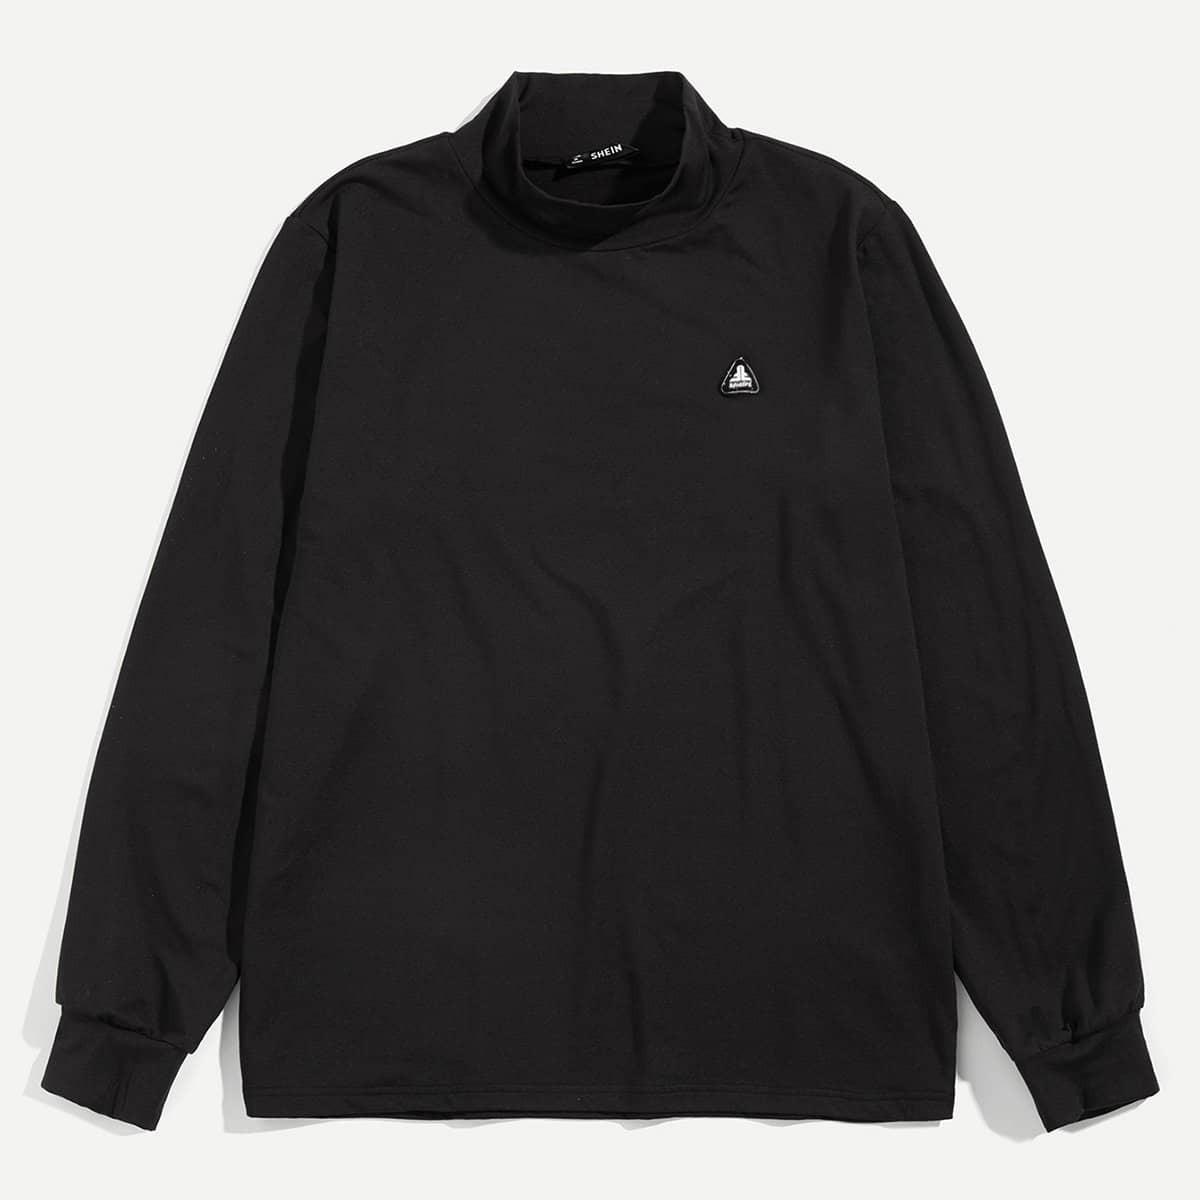 Zwart Casual Patched Sweatshirts voor heren